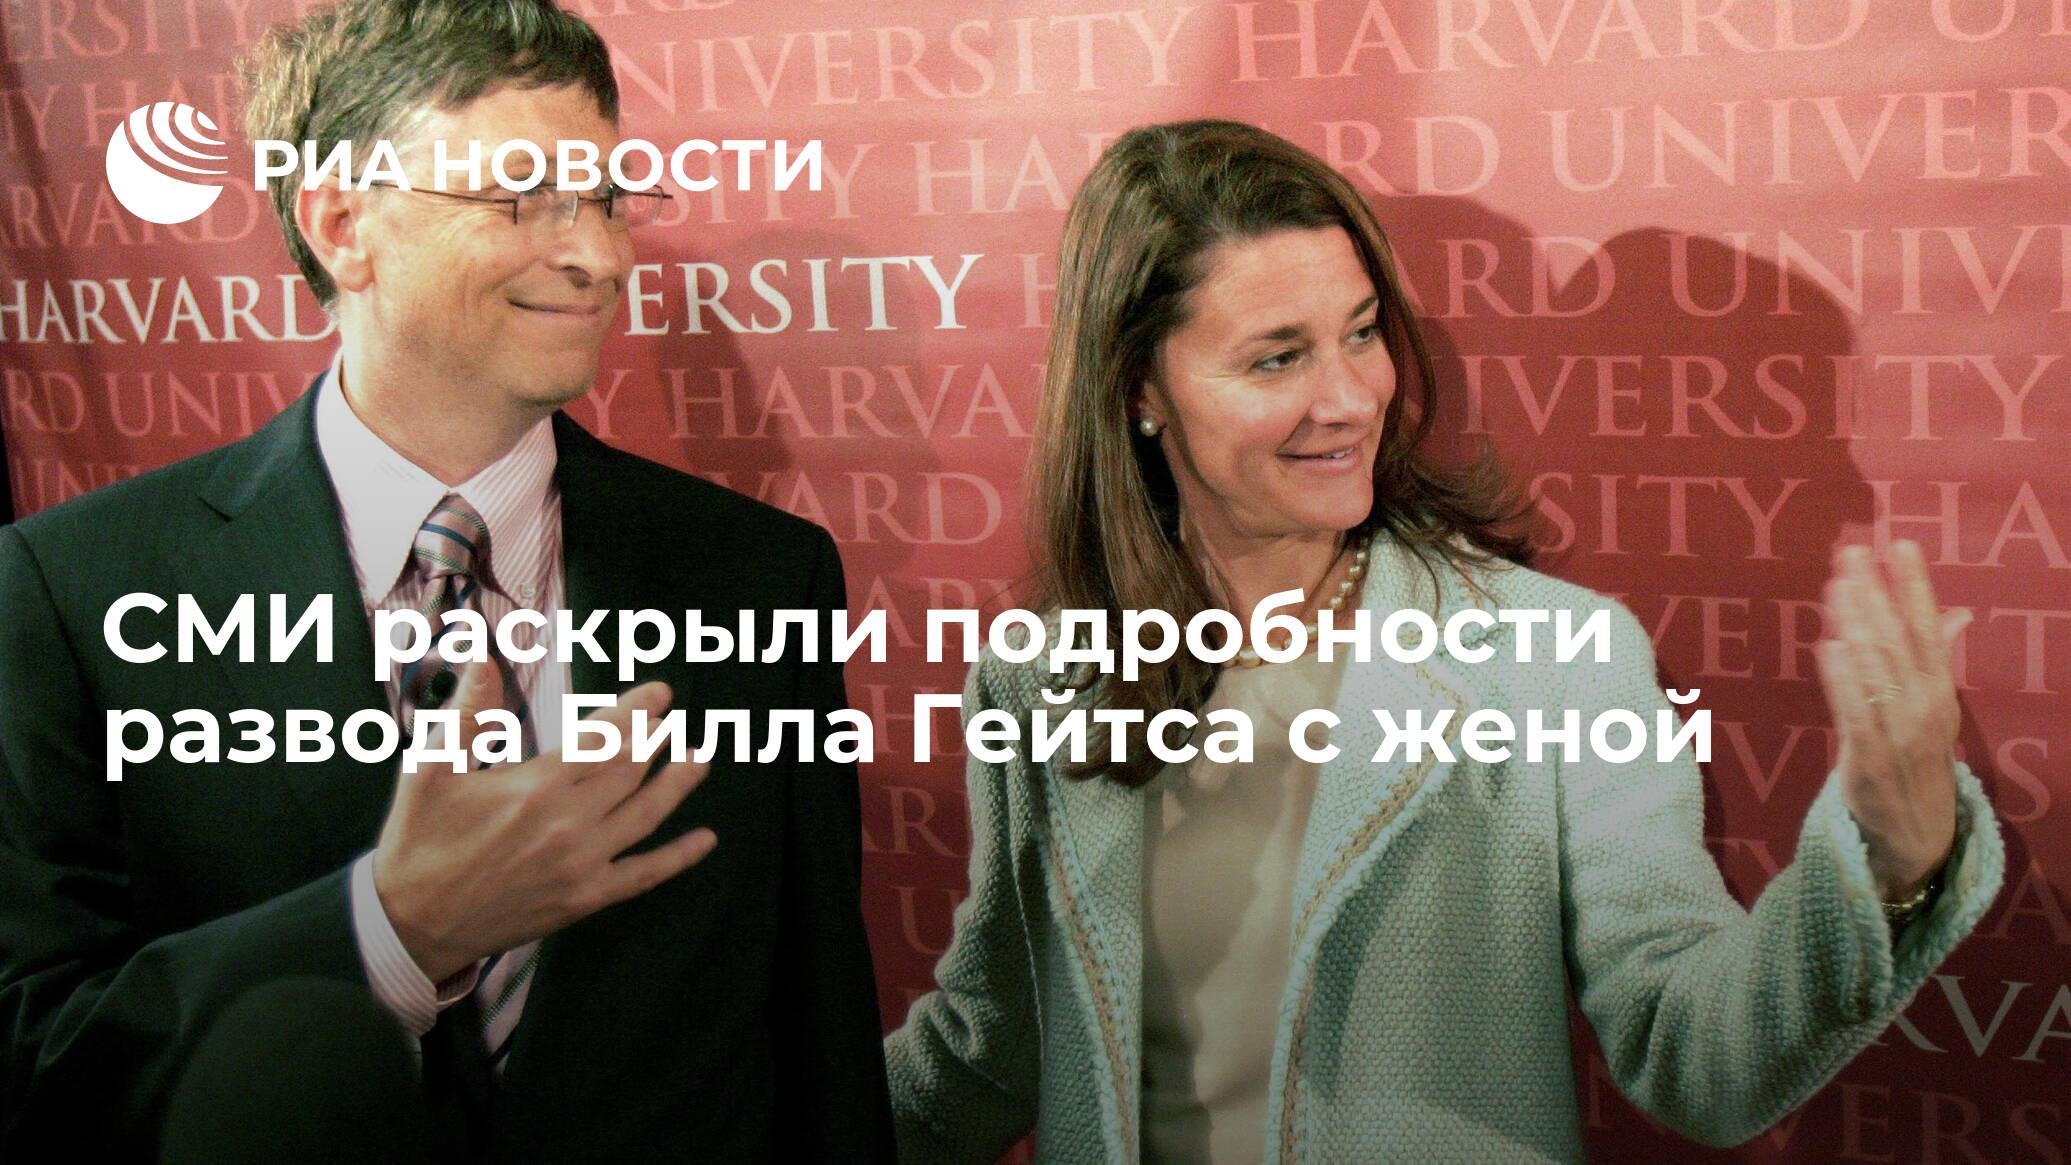 Мелинда Гейтс не будет подавать на алименты после развода, сообщили СМИ